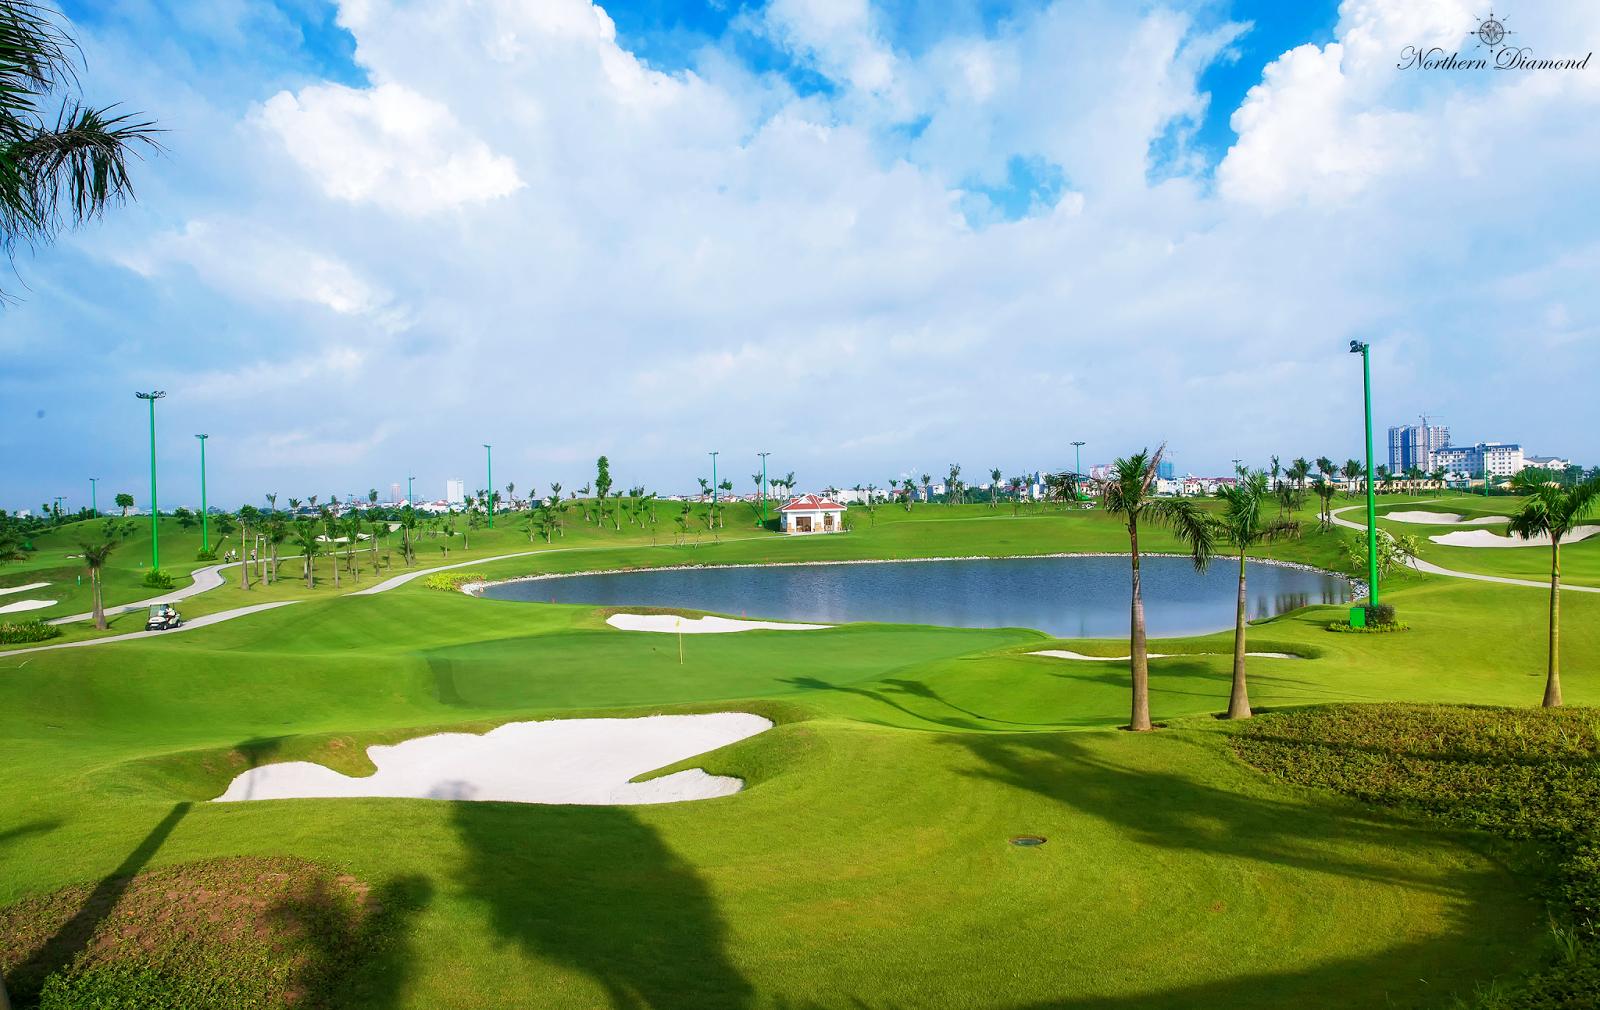 Sân Golf cao cấp gần ngay dự án Northern Diamond